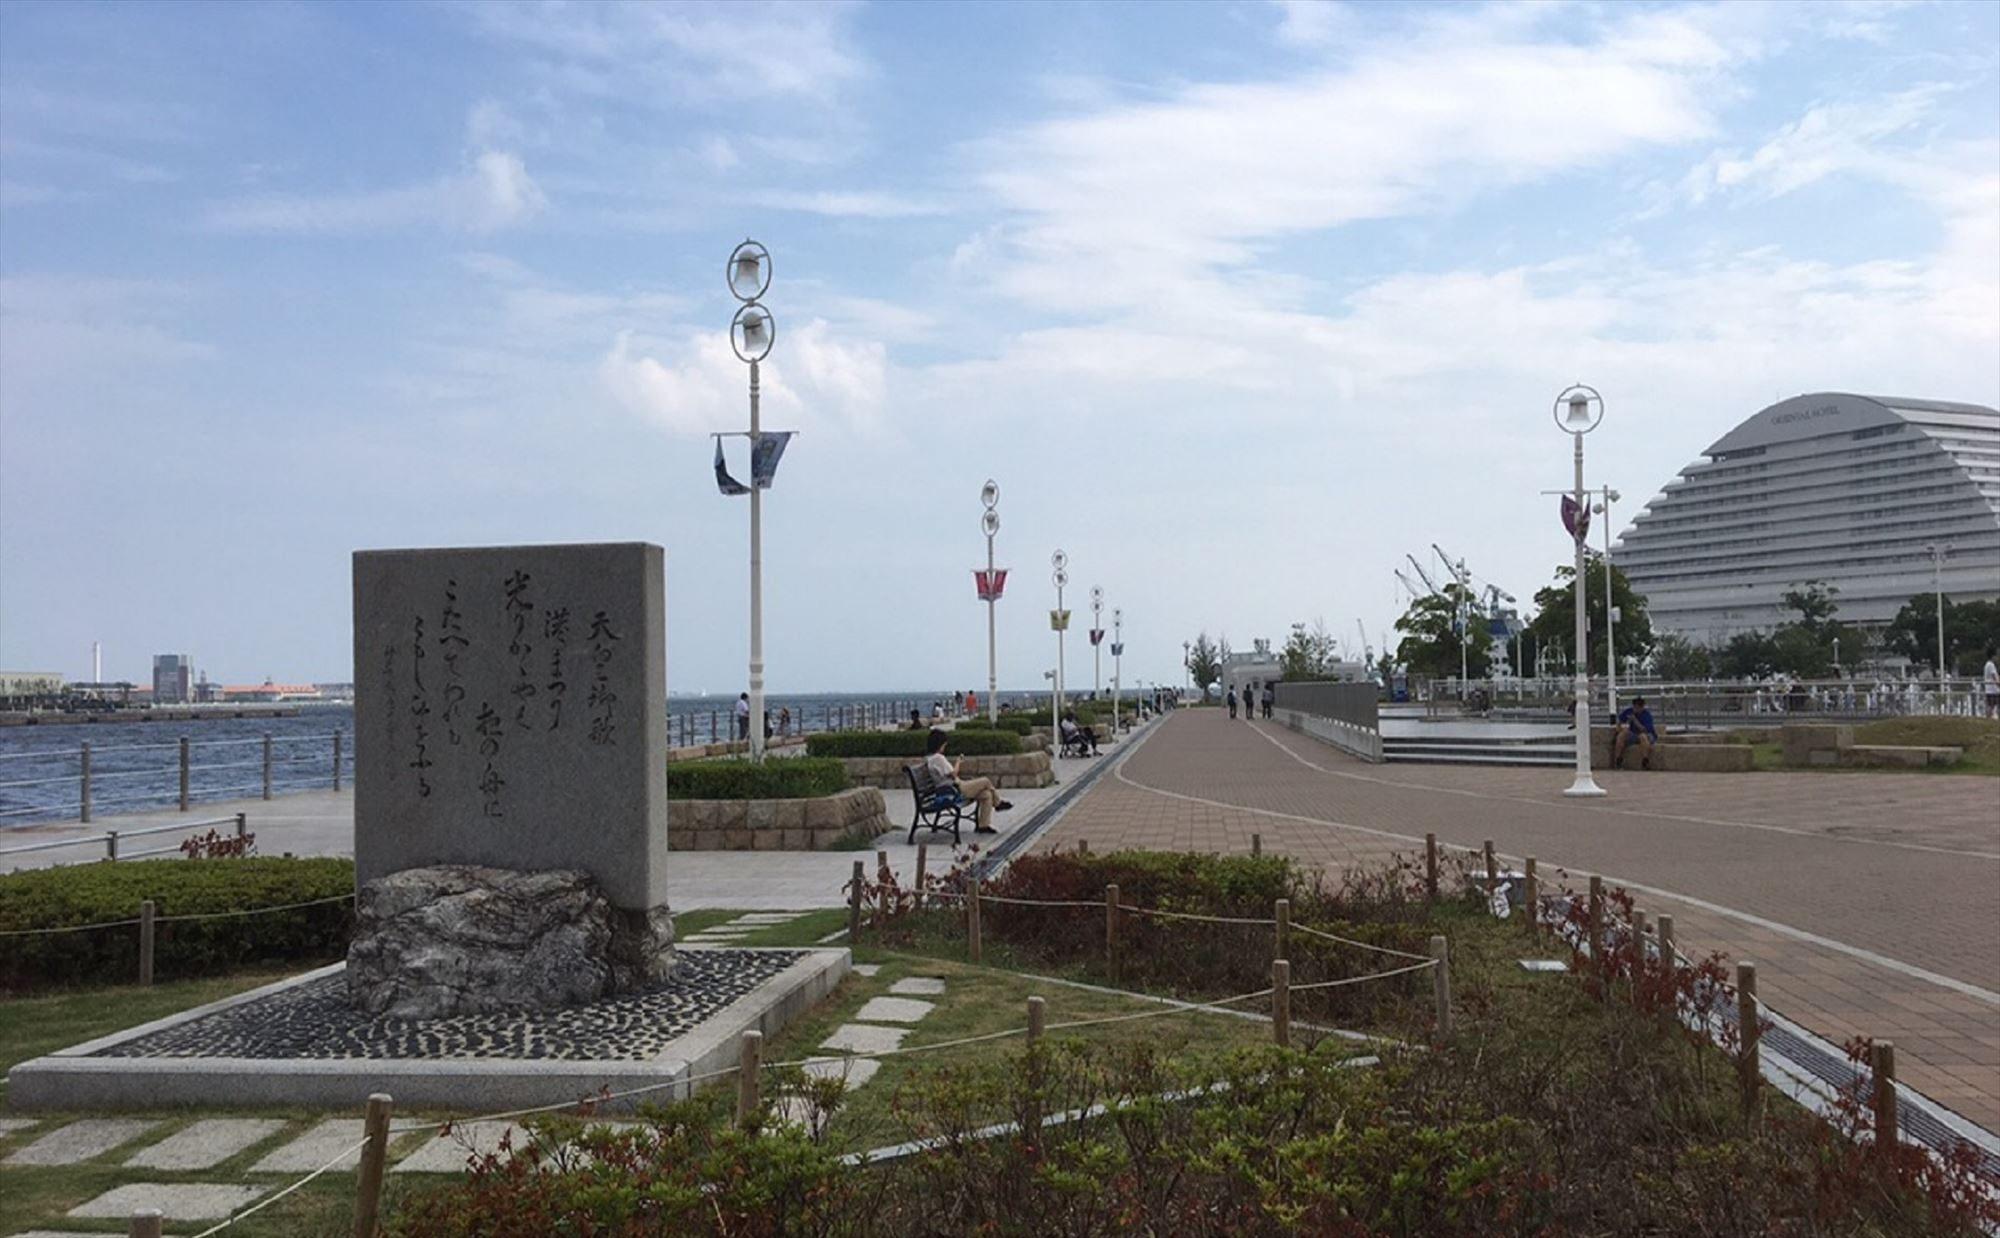 美しい街、神戸で暮らす。自然と共生するための高い防災意識